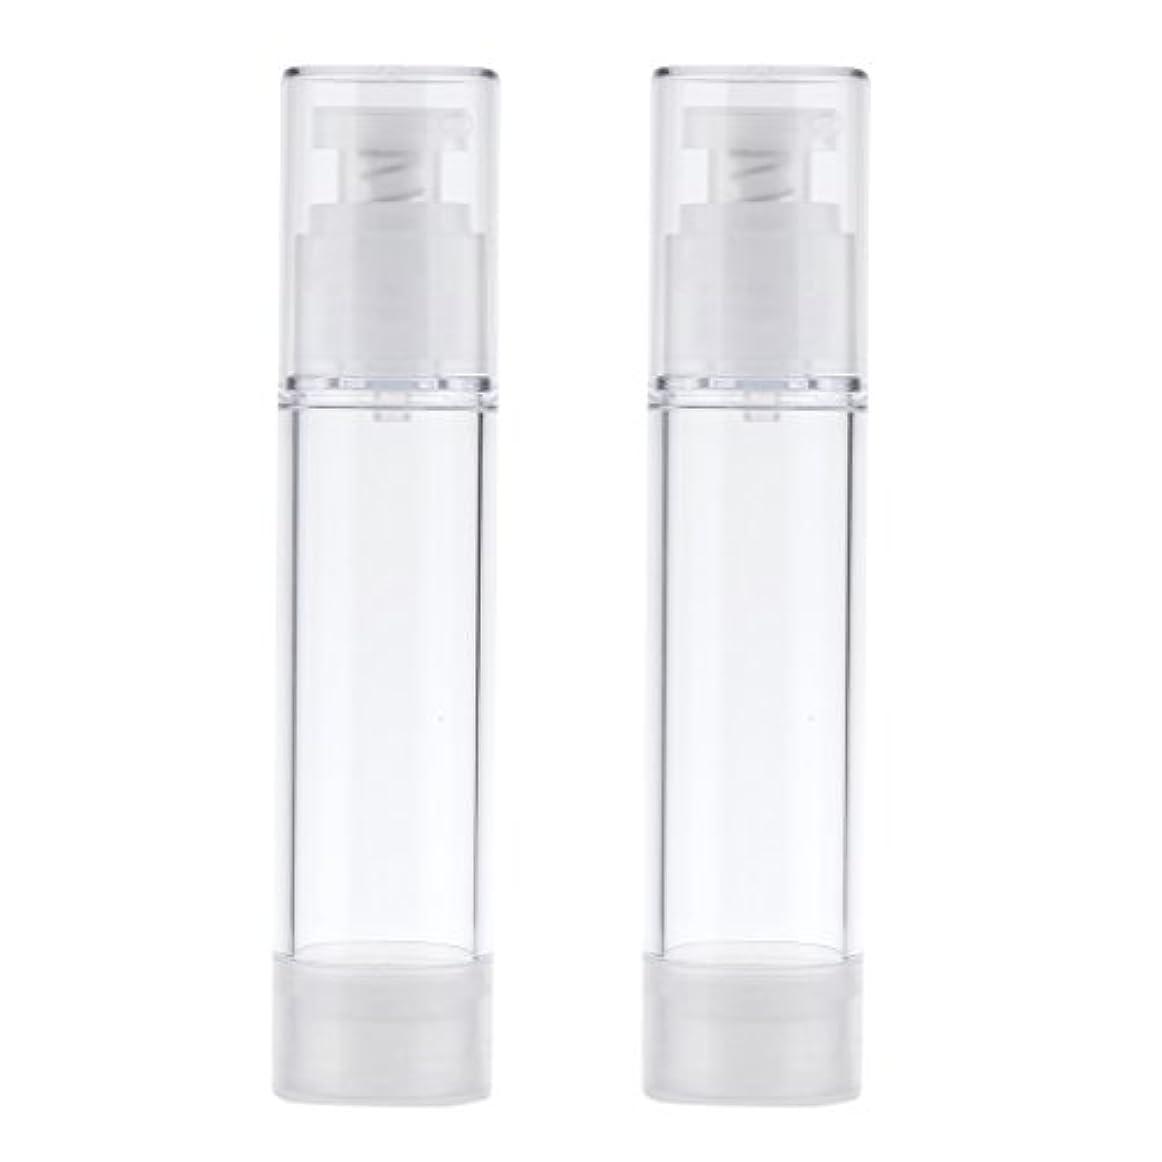 キリン自由付き添い人2個 ポンプボトル エアレスボトル ポンプディスペンサー コスメ DIY 詰替え 香水ボトル 3サイズ選べる - 50ml